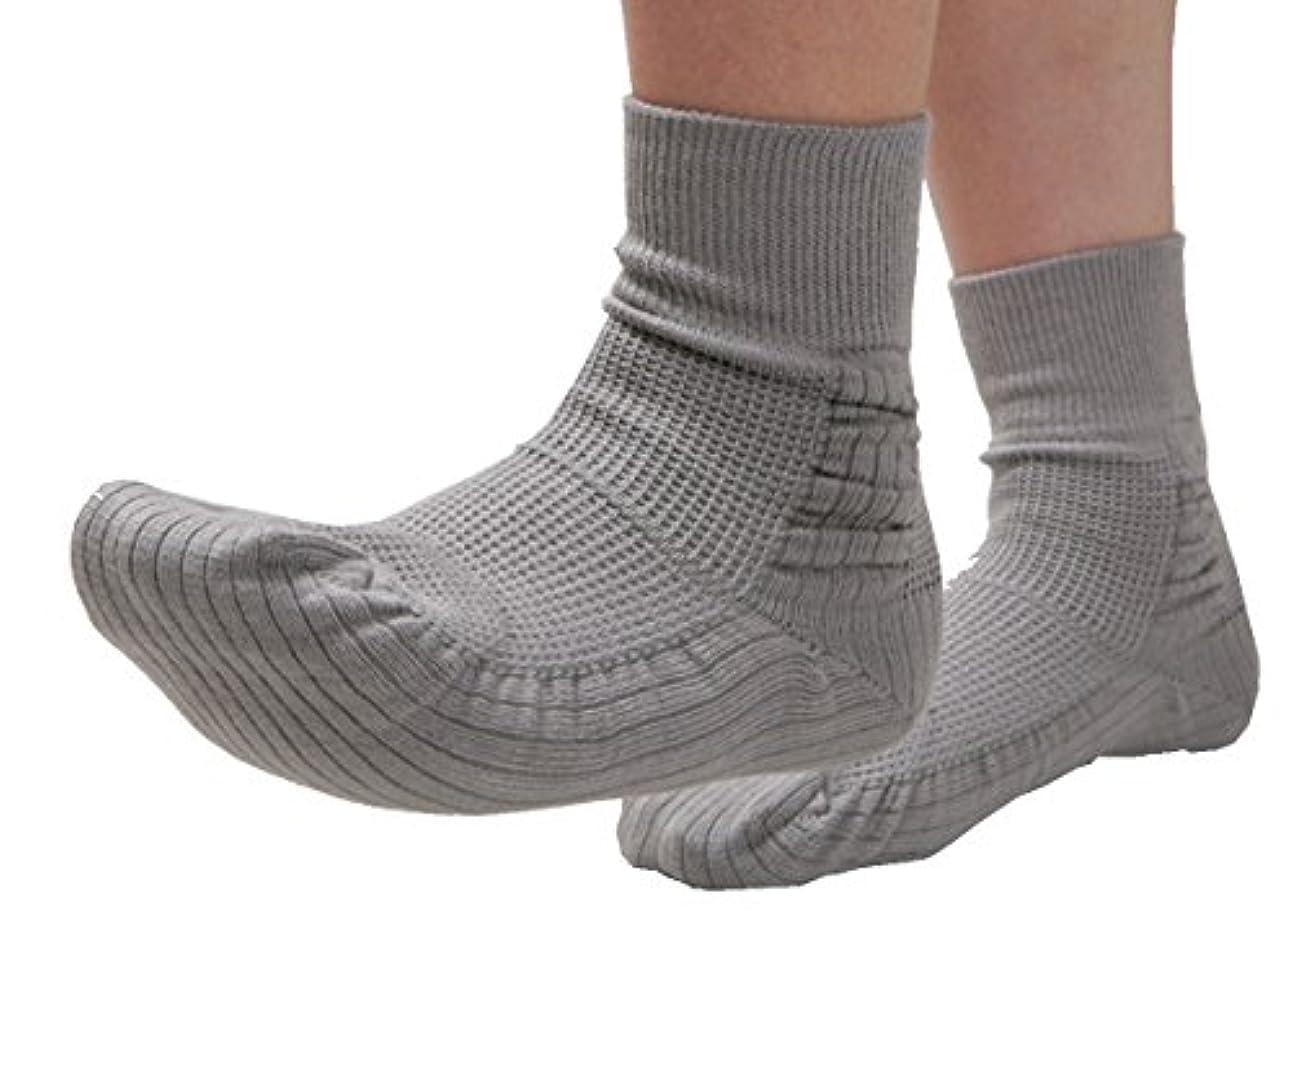 スクランブル協力するズボン転倒予防靴下(コーポレーションパールスター?広島大学開発商品)